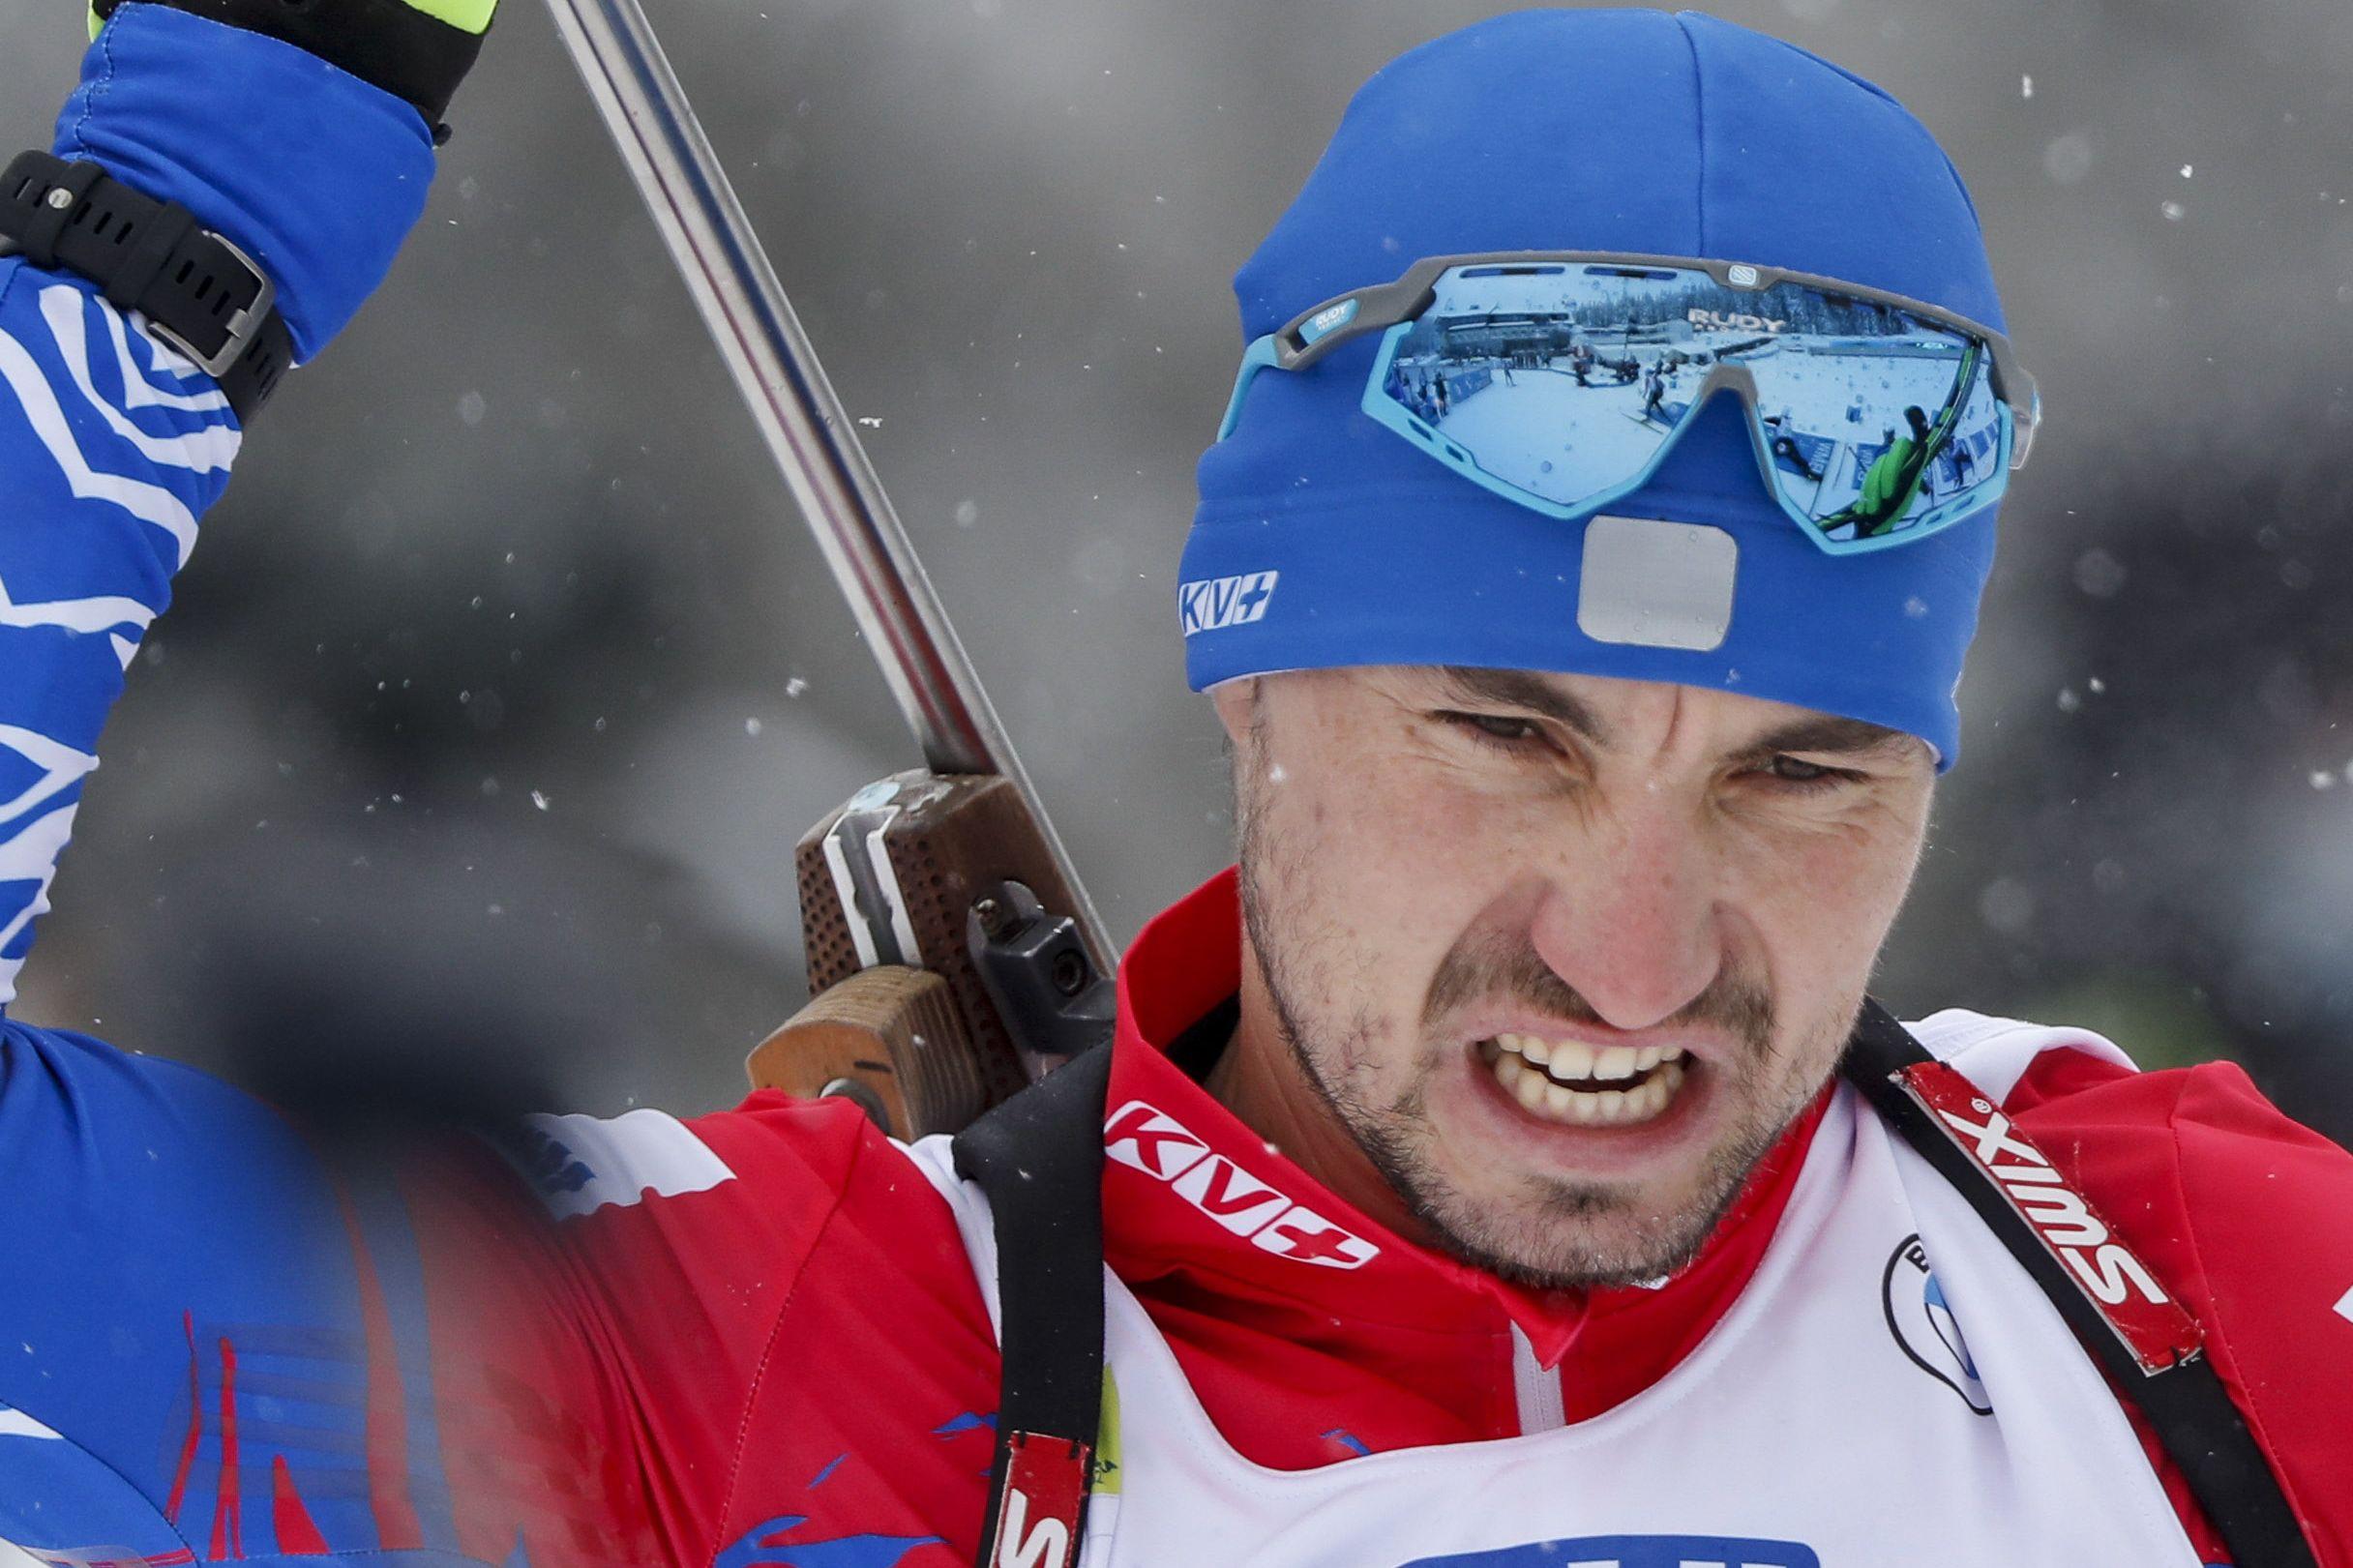 Олимпийский чемпион Медведцев считает, что Логинов набрал лишний вес к чемпионату мира